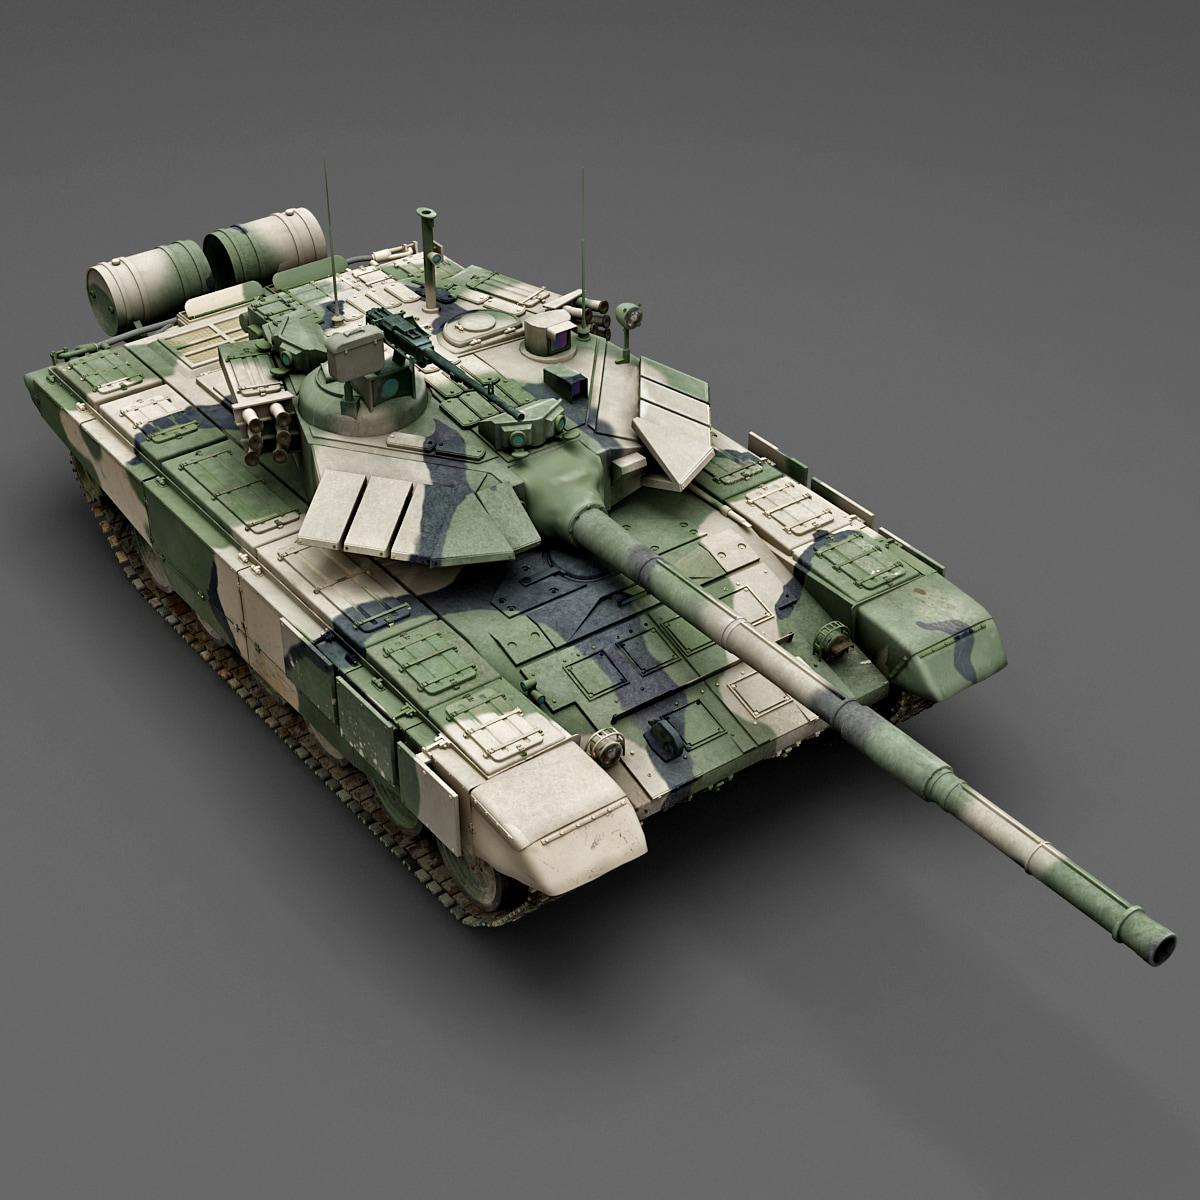 Battle_Tank_T-90_0001.jpg